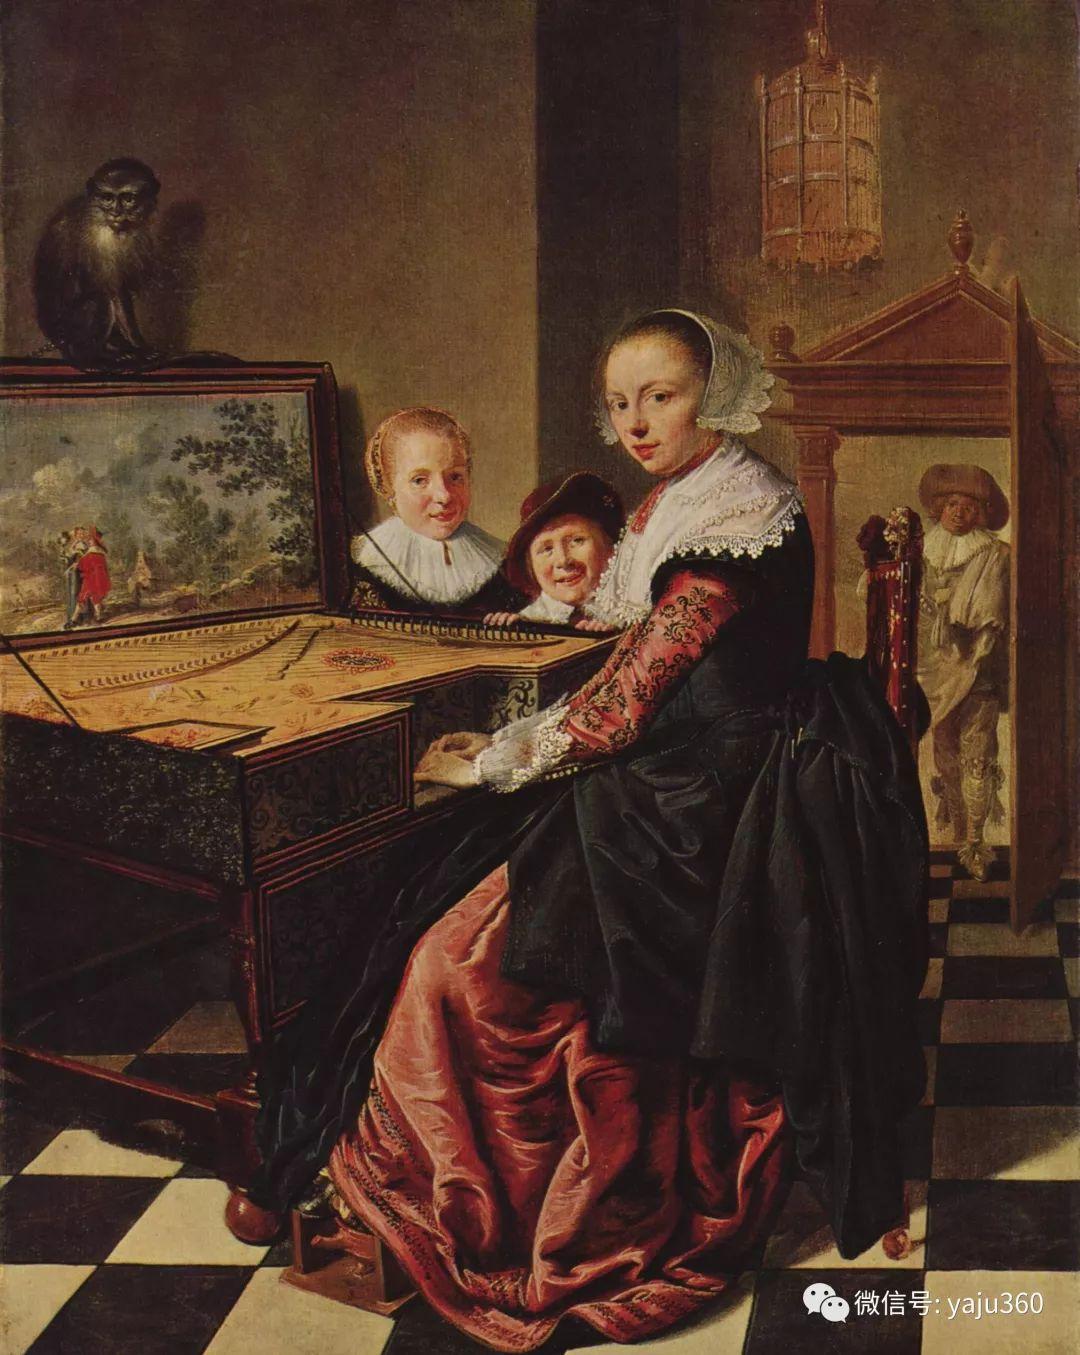 油画世界 17世纪荷兰画家Jan Miense Molenaer插图7